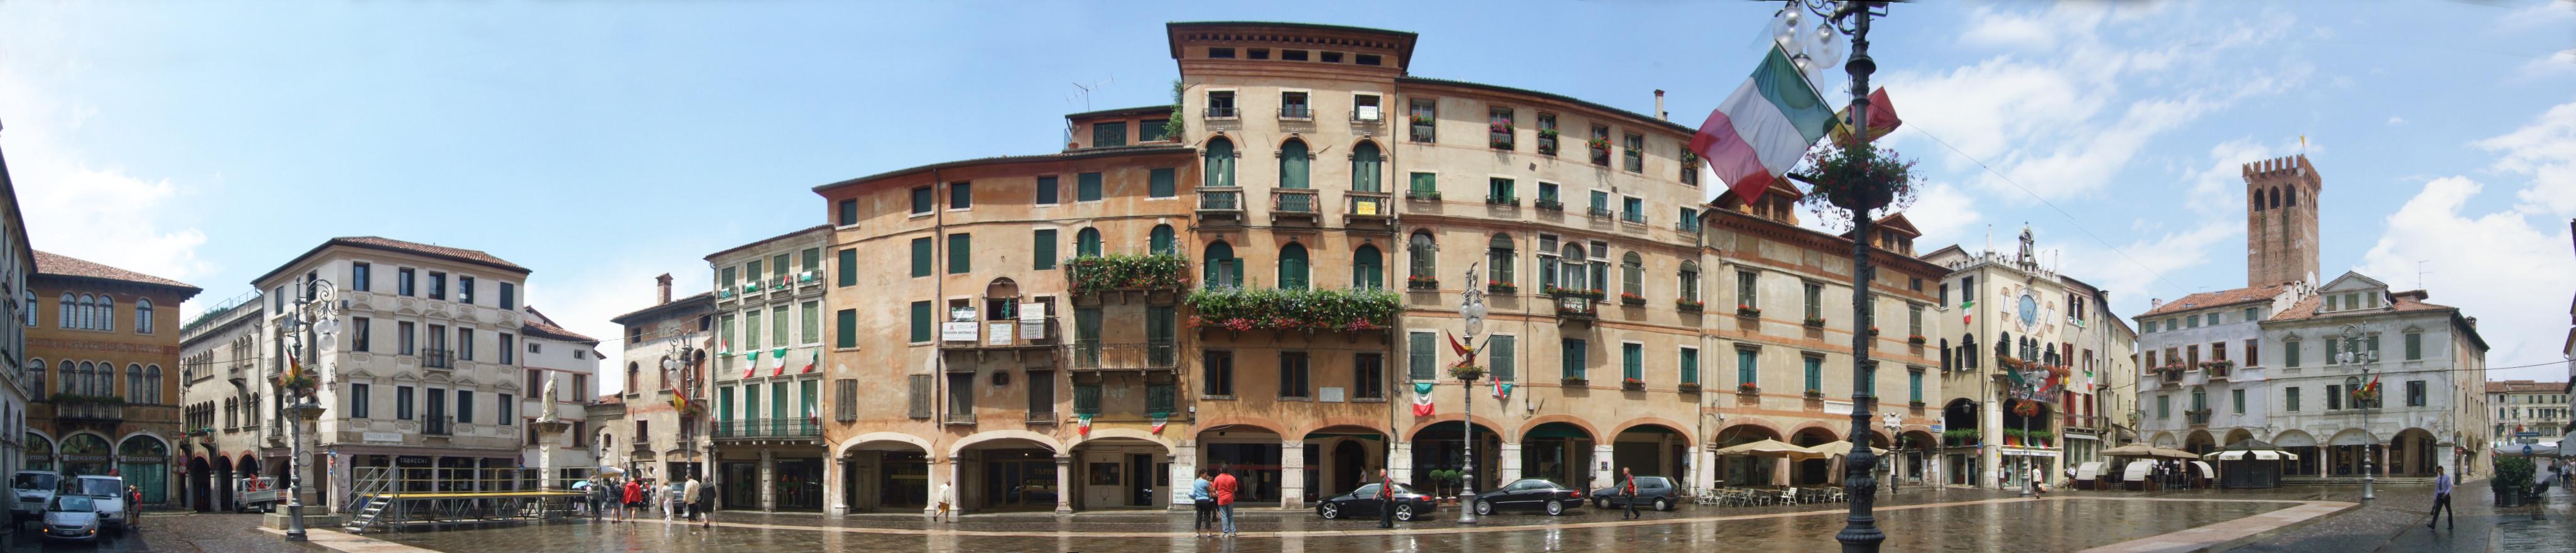 Bassano Del Grappa Italy  city photo : Bassano del Grappa Piazza della Liberta Wikipedia